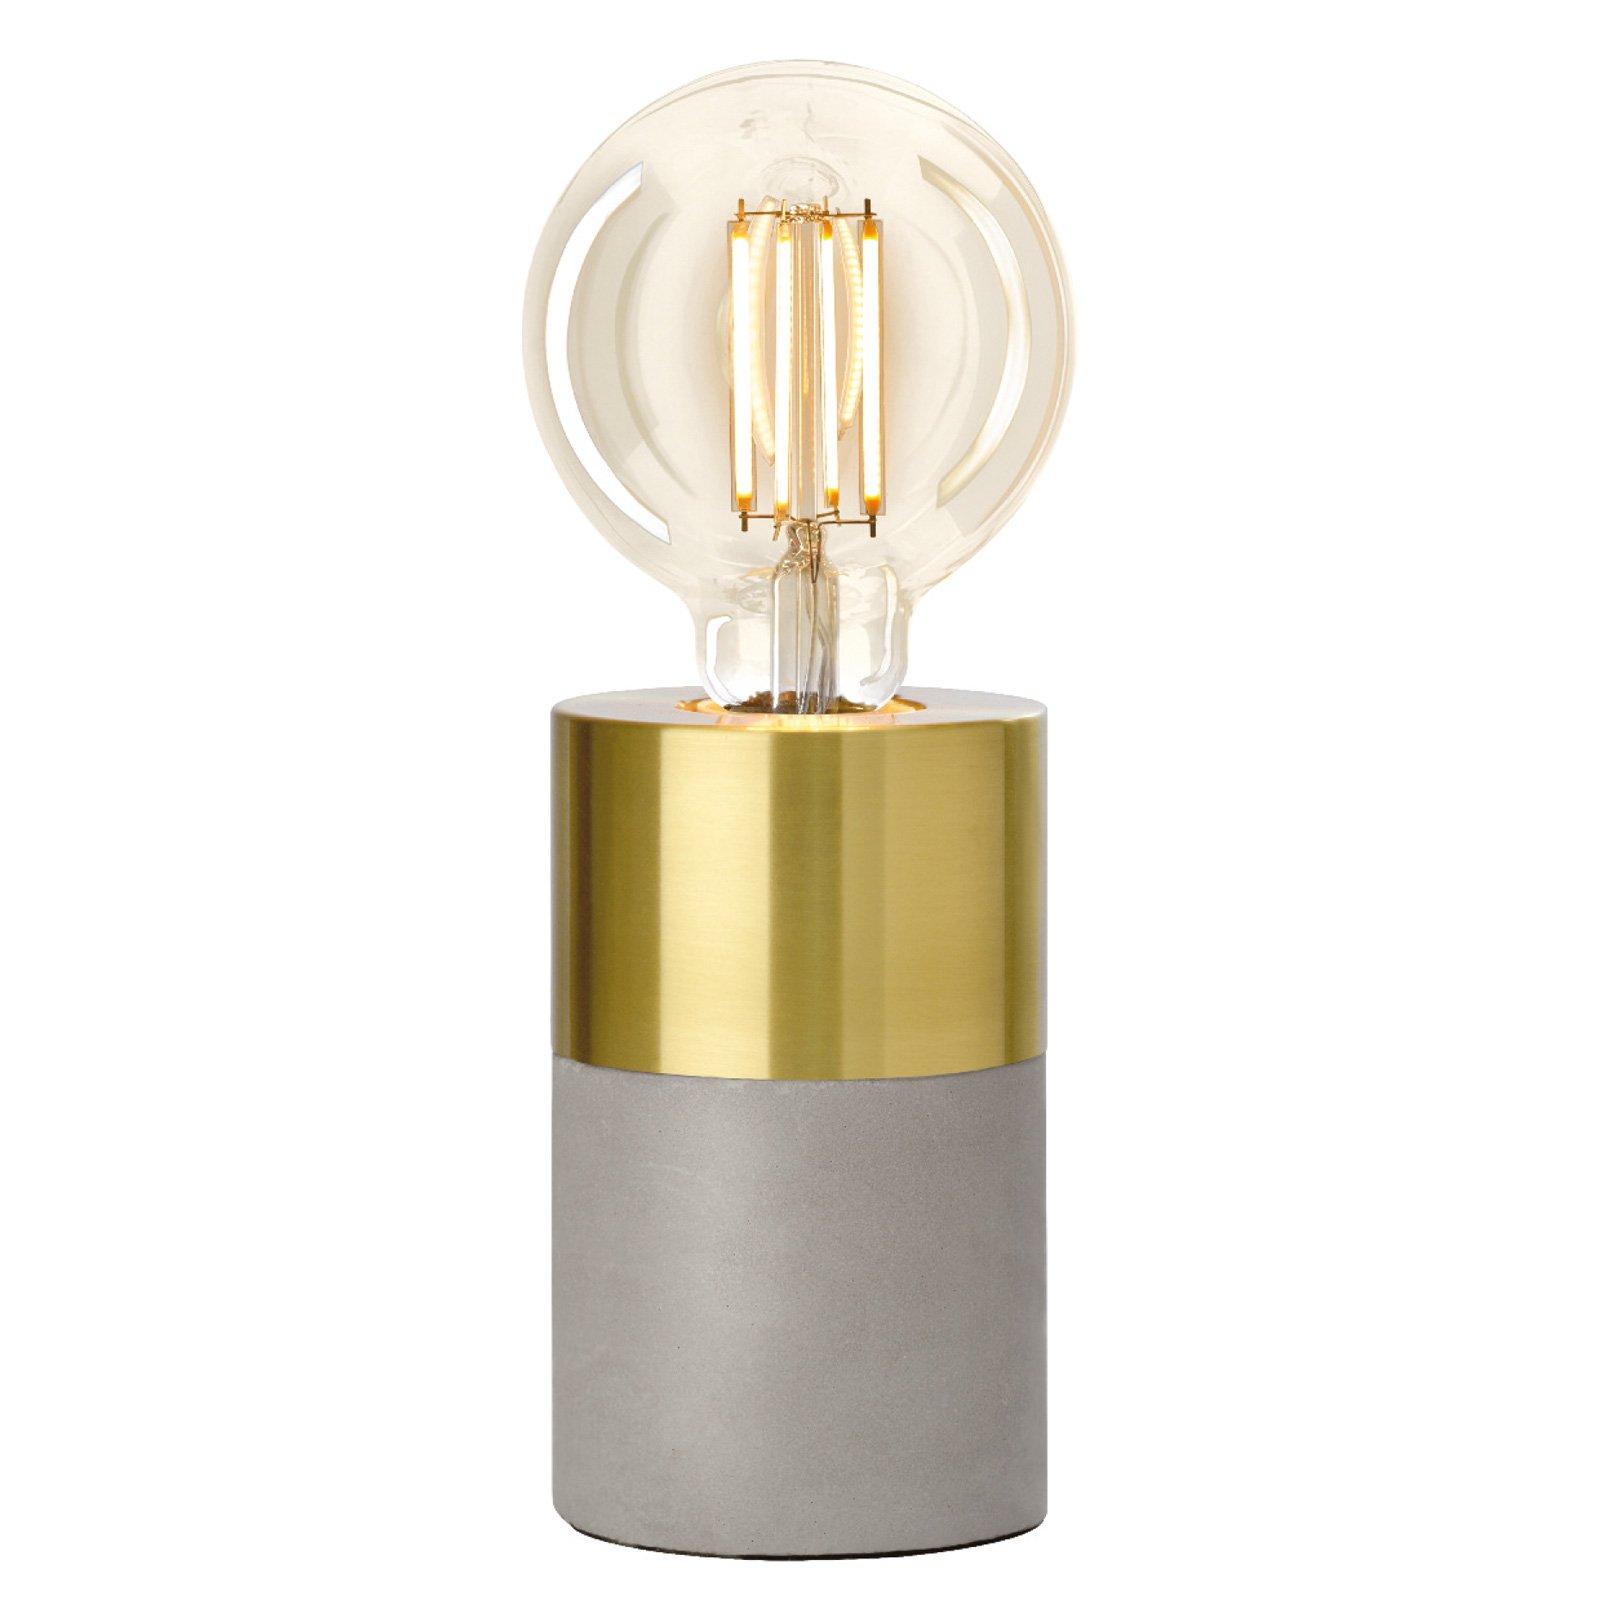 Villeroy & Boch Athen bordlampe i gullstil